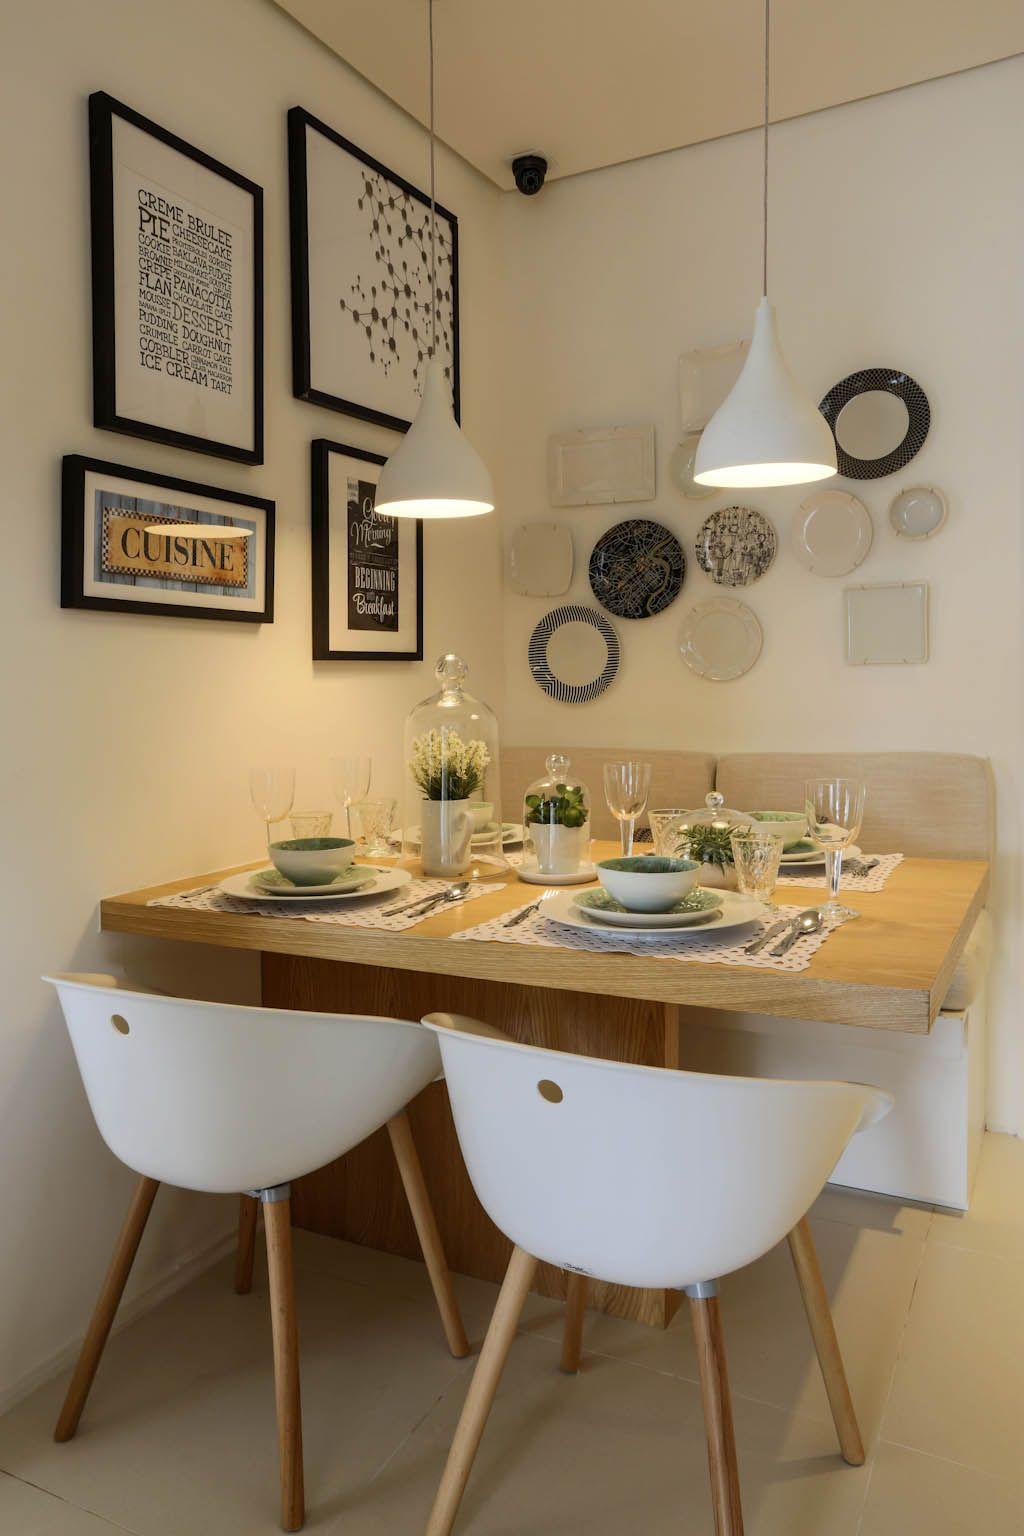 #996F32 sala de jantar pequena Decoracao Pinterest Sala de jantar  1024x1536 píxeis em Decoração De Sala Pequena Com Mesa De Jantar